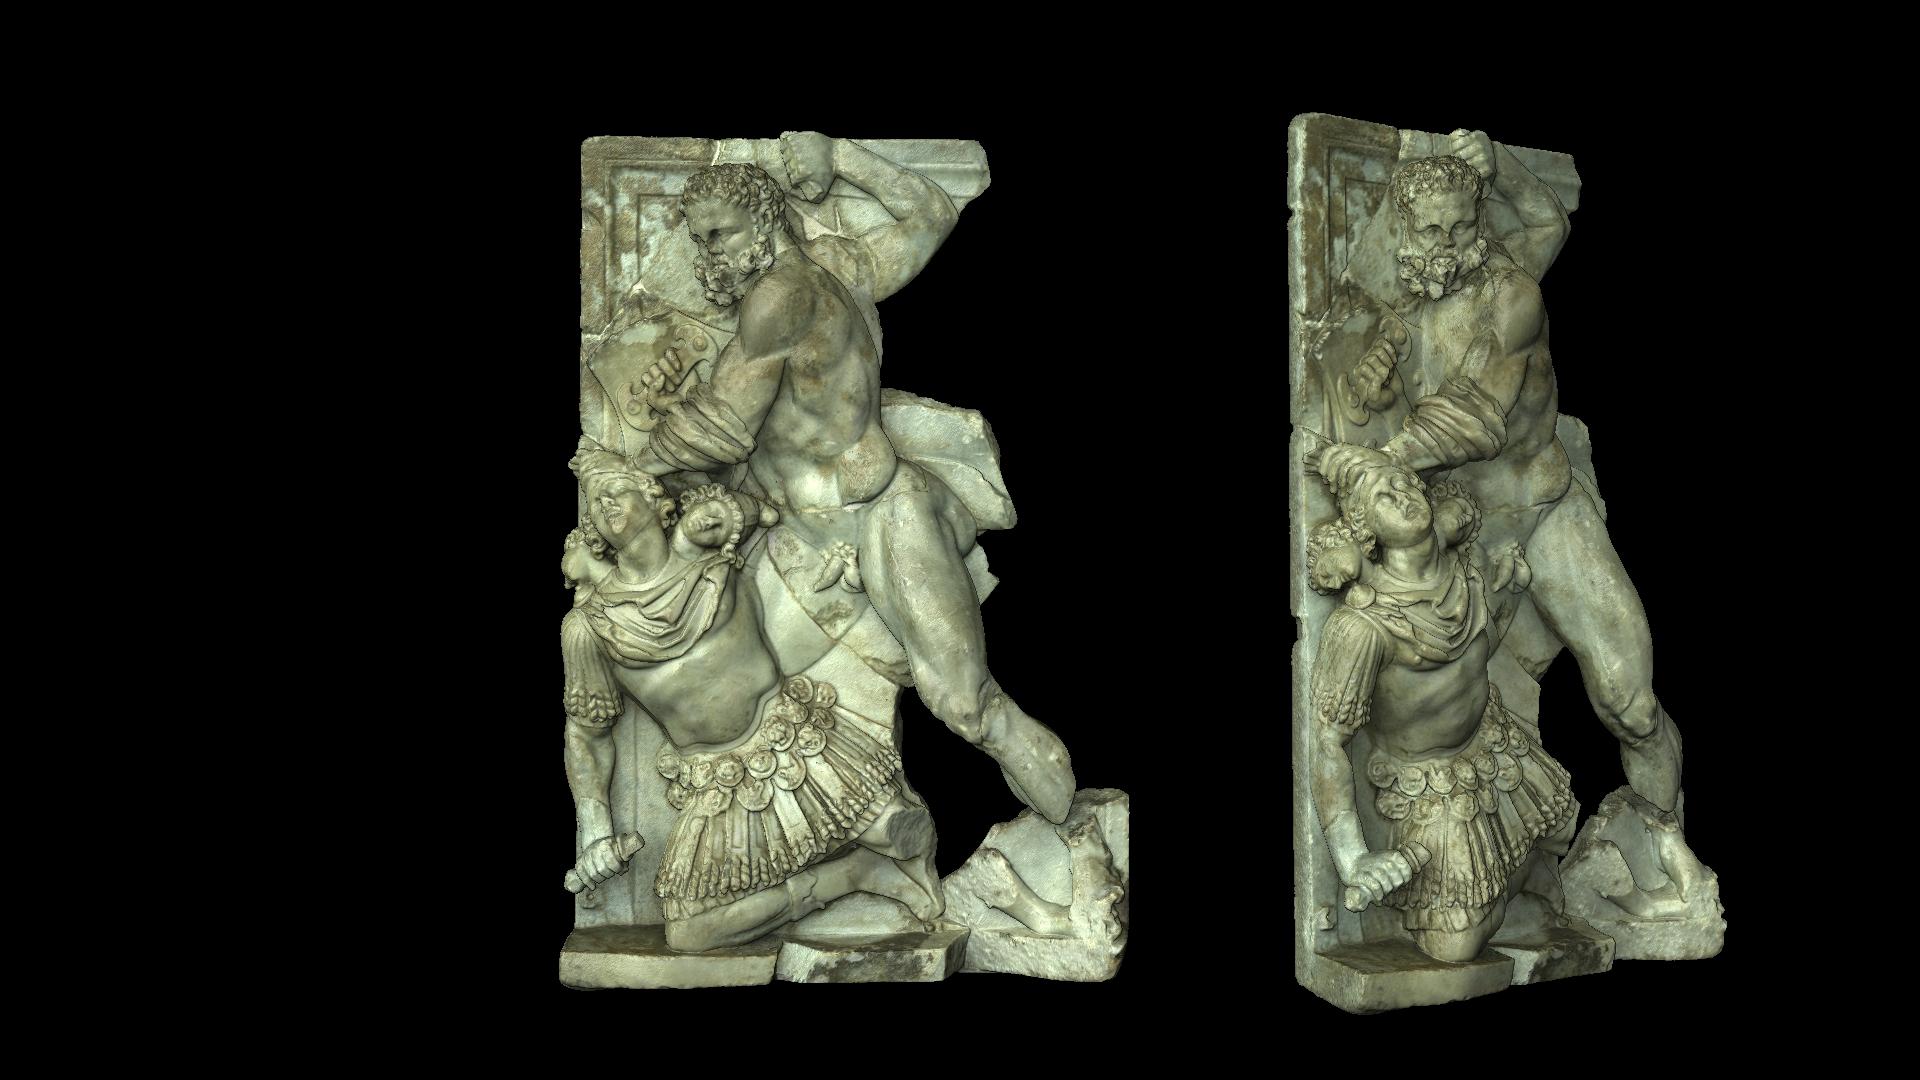 Numérisation 3D - 3D Scanning - Hercules